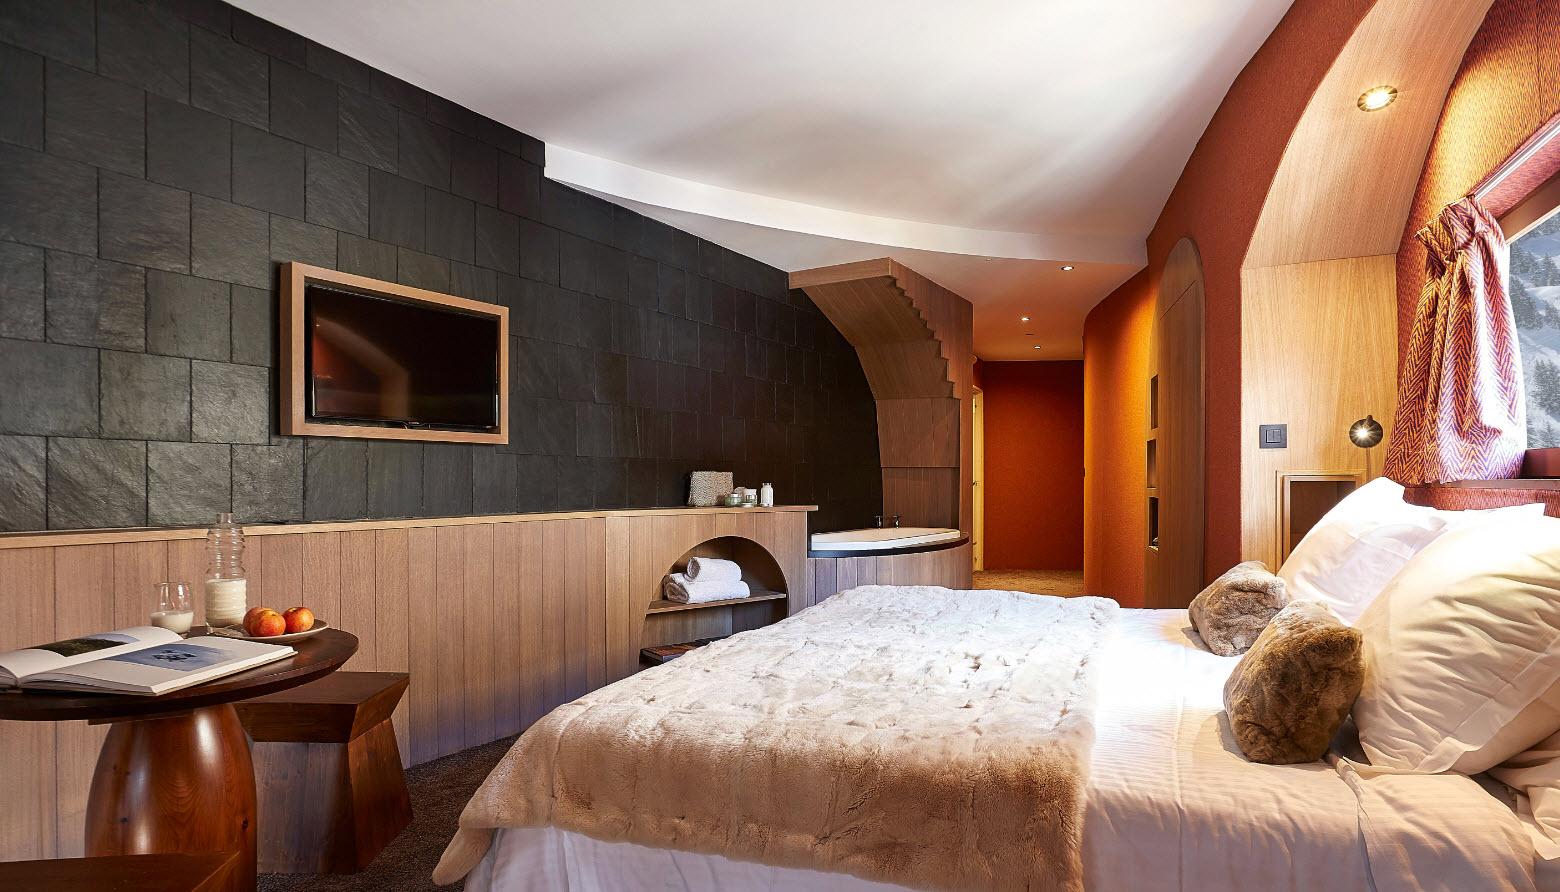 Dormir Avoriaz - Hôtel Dromonts (c) P. Doignon, C. Arnal, MPM, F. Ducout & DR